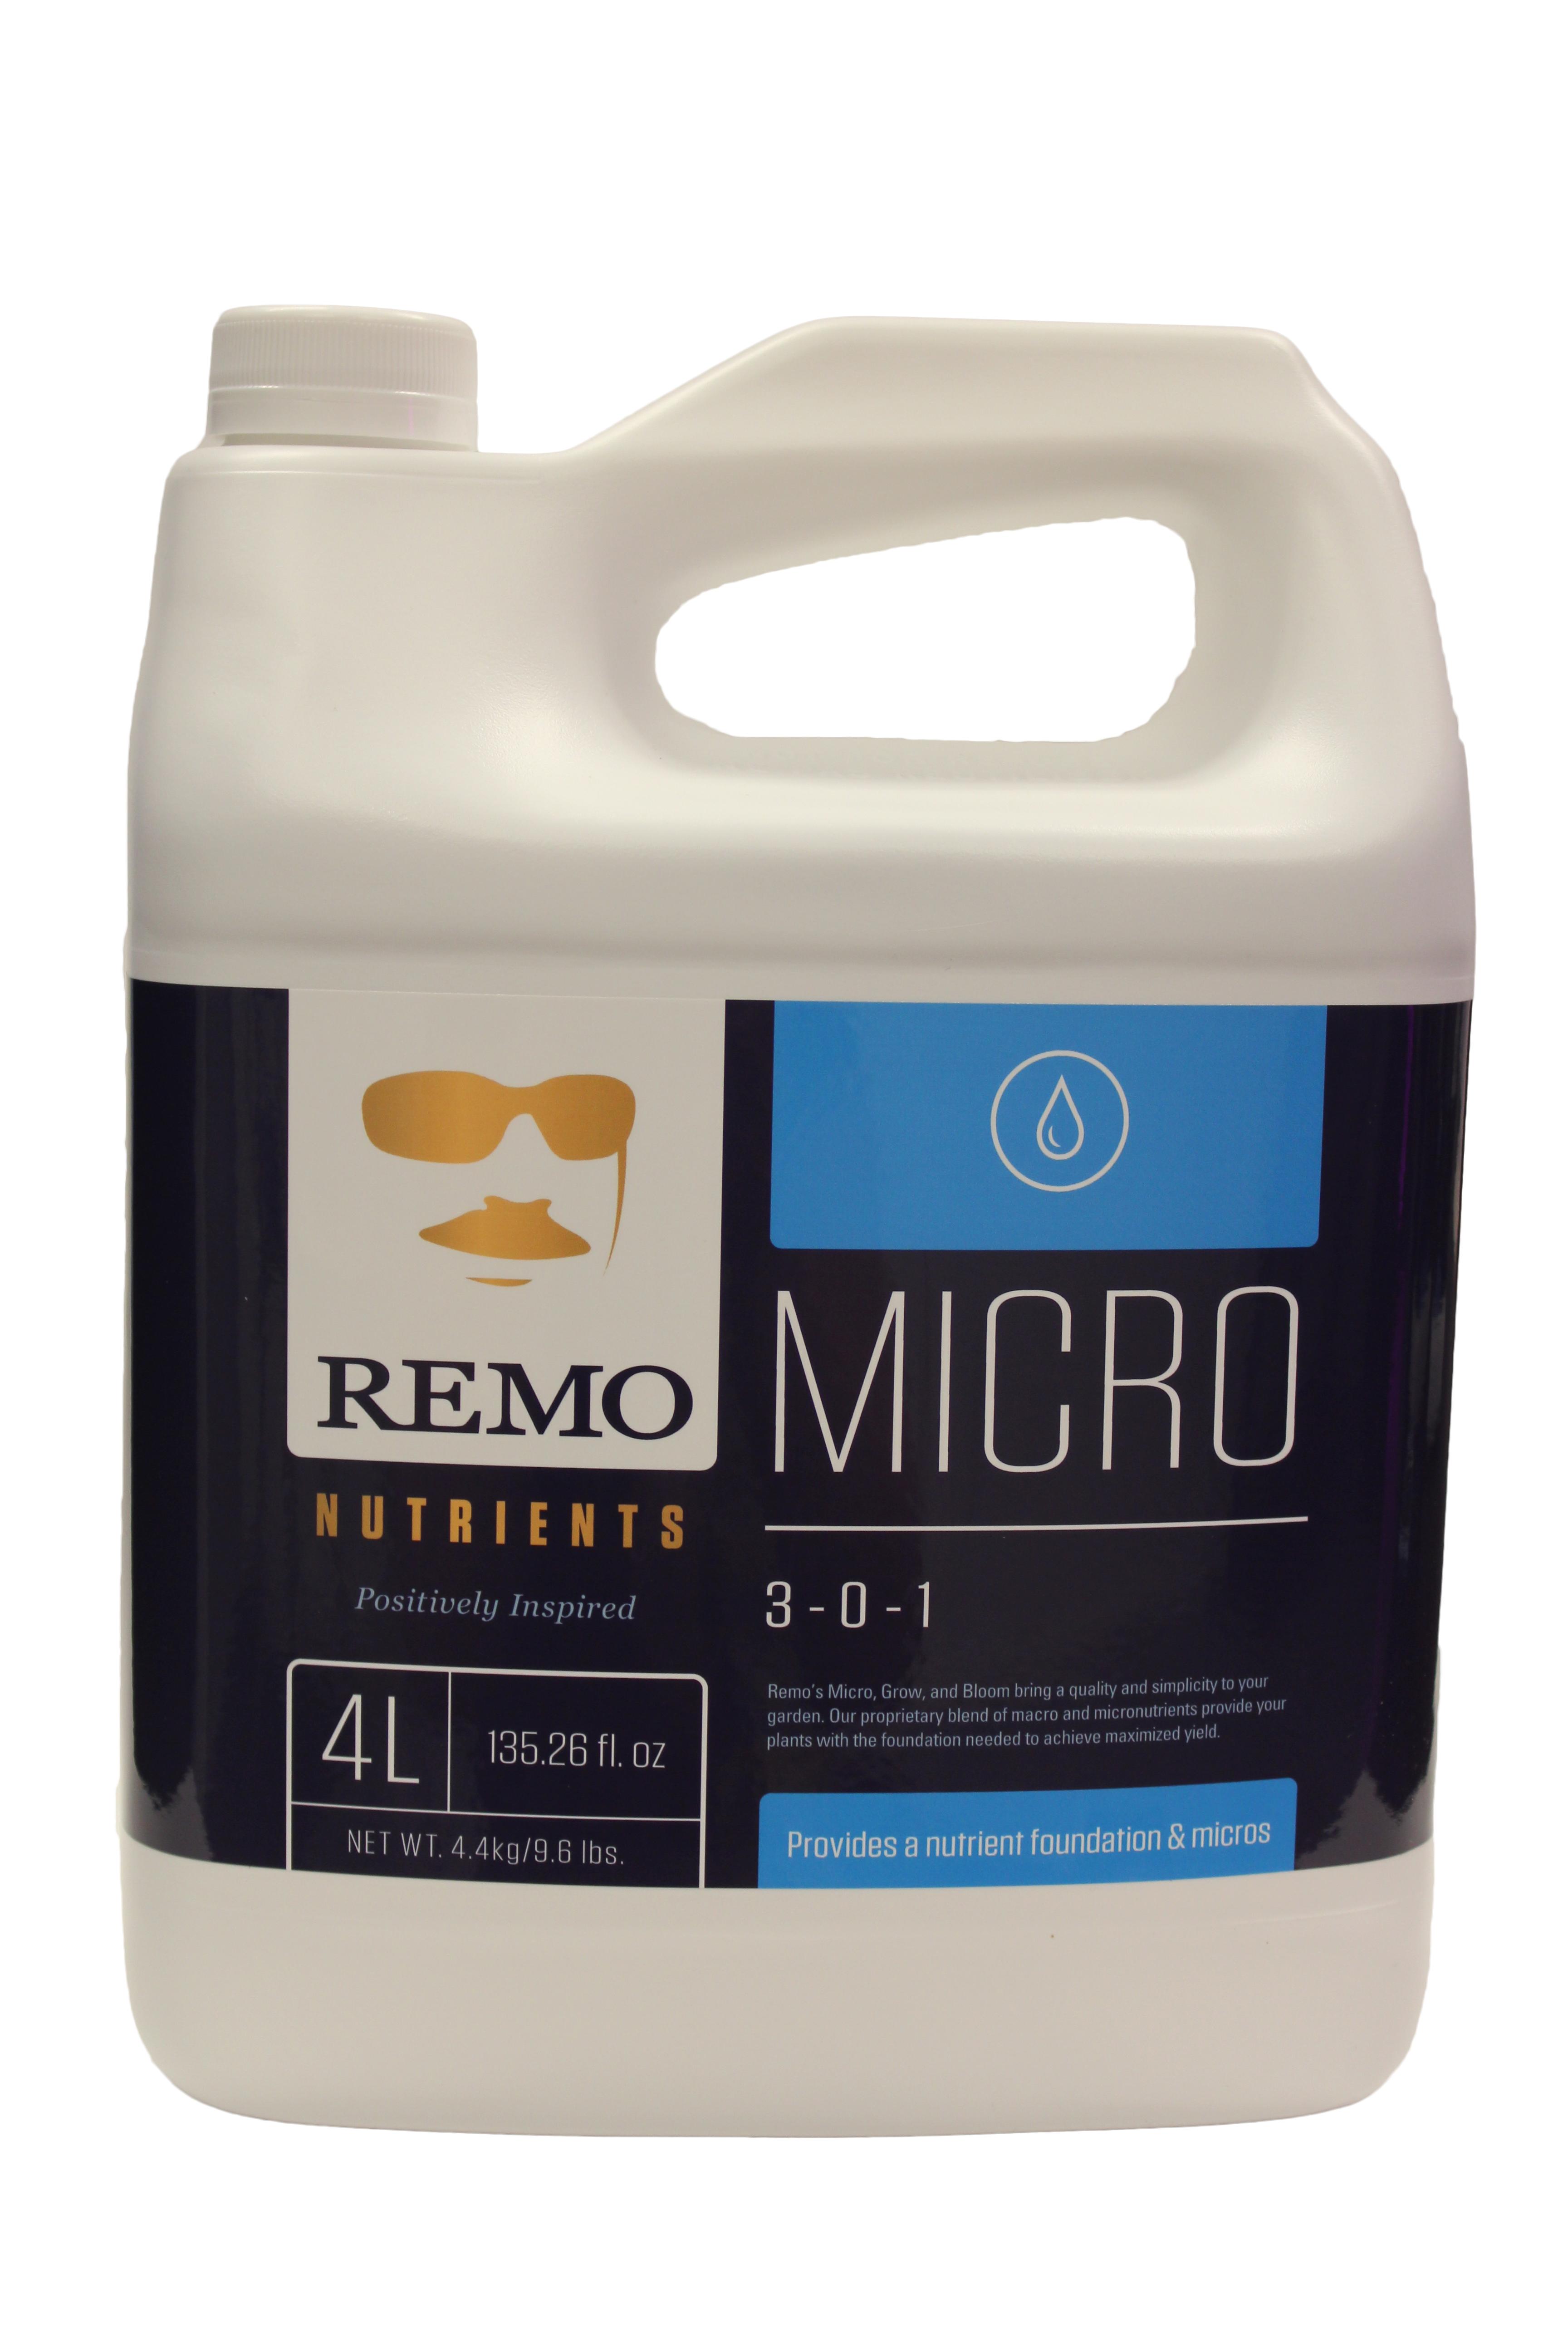 Remo's Micro 4L